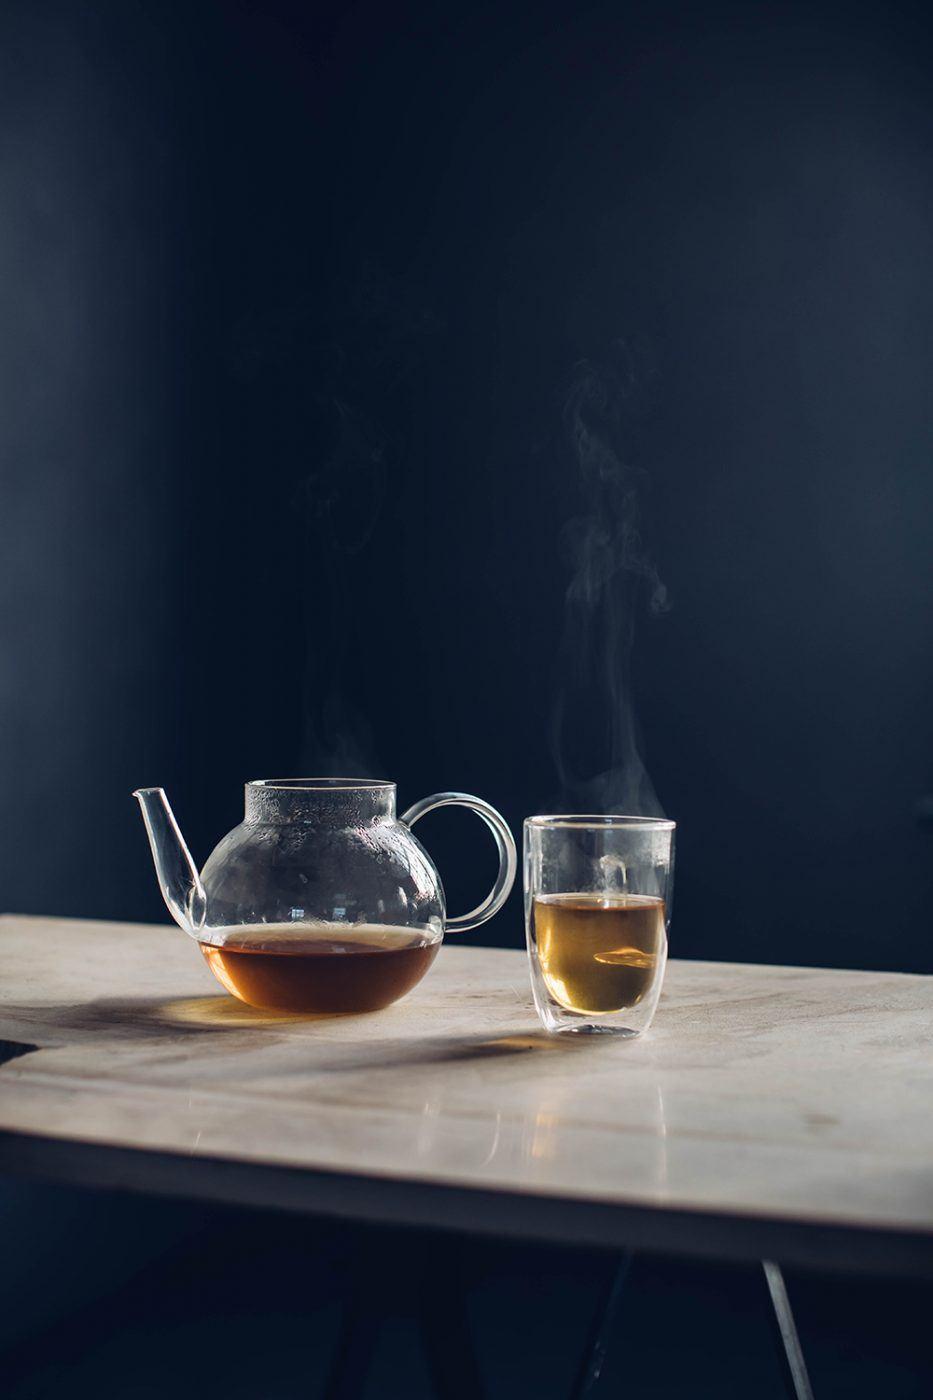 Villeroy & Boch Tea Pot